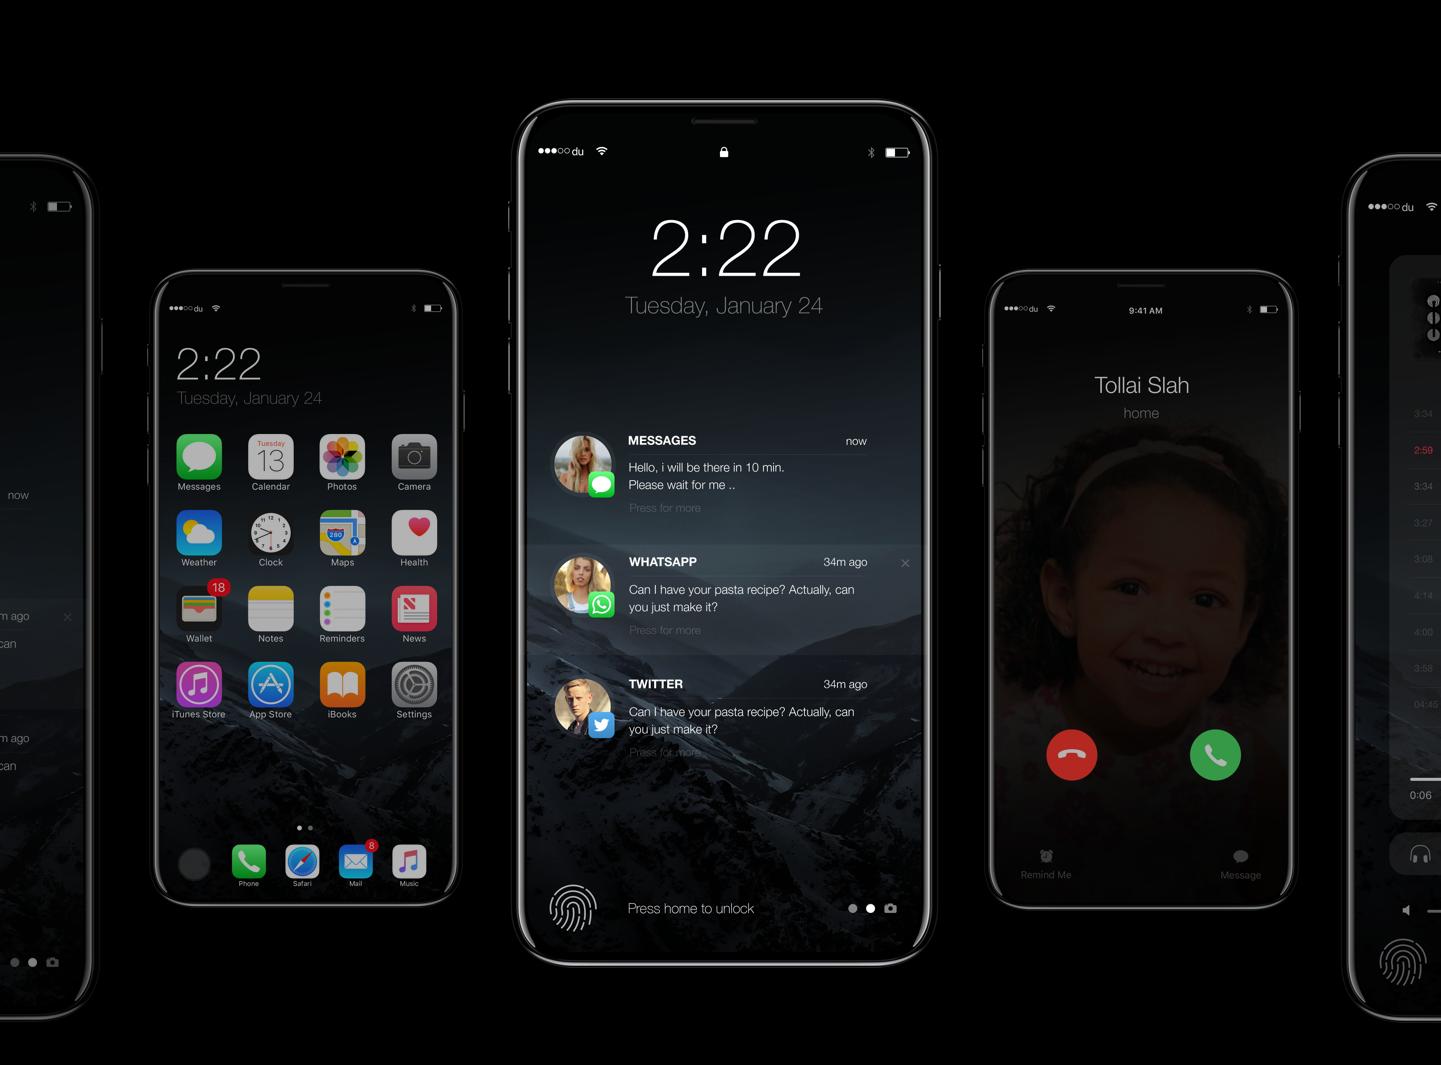 Юбилейному iPhone на iOS 11 посвящен концепт